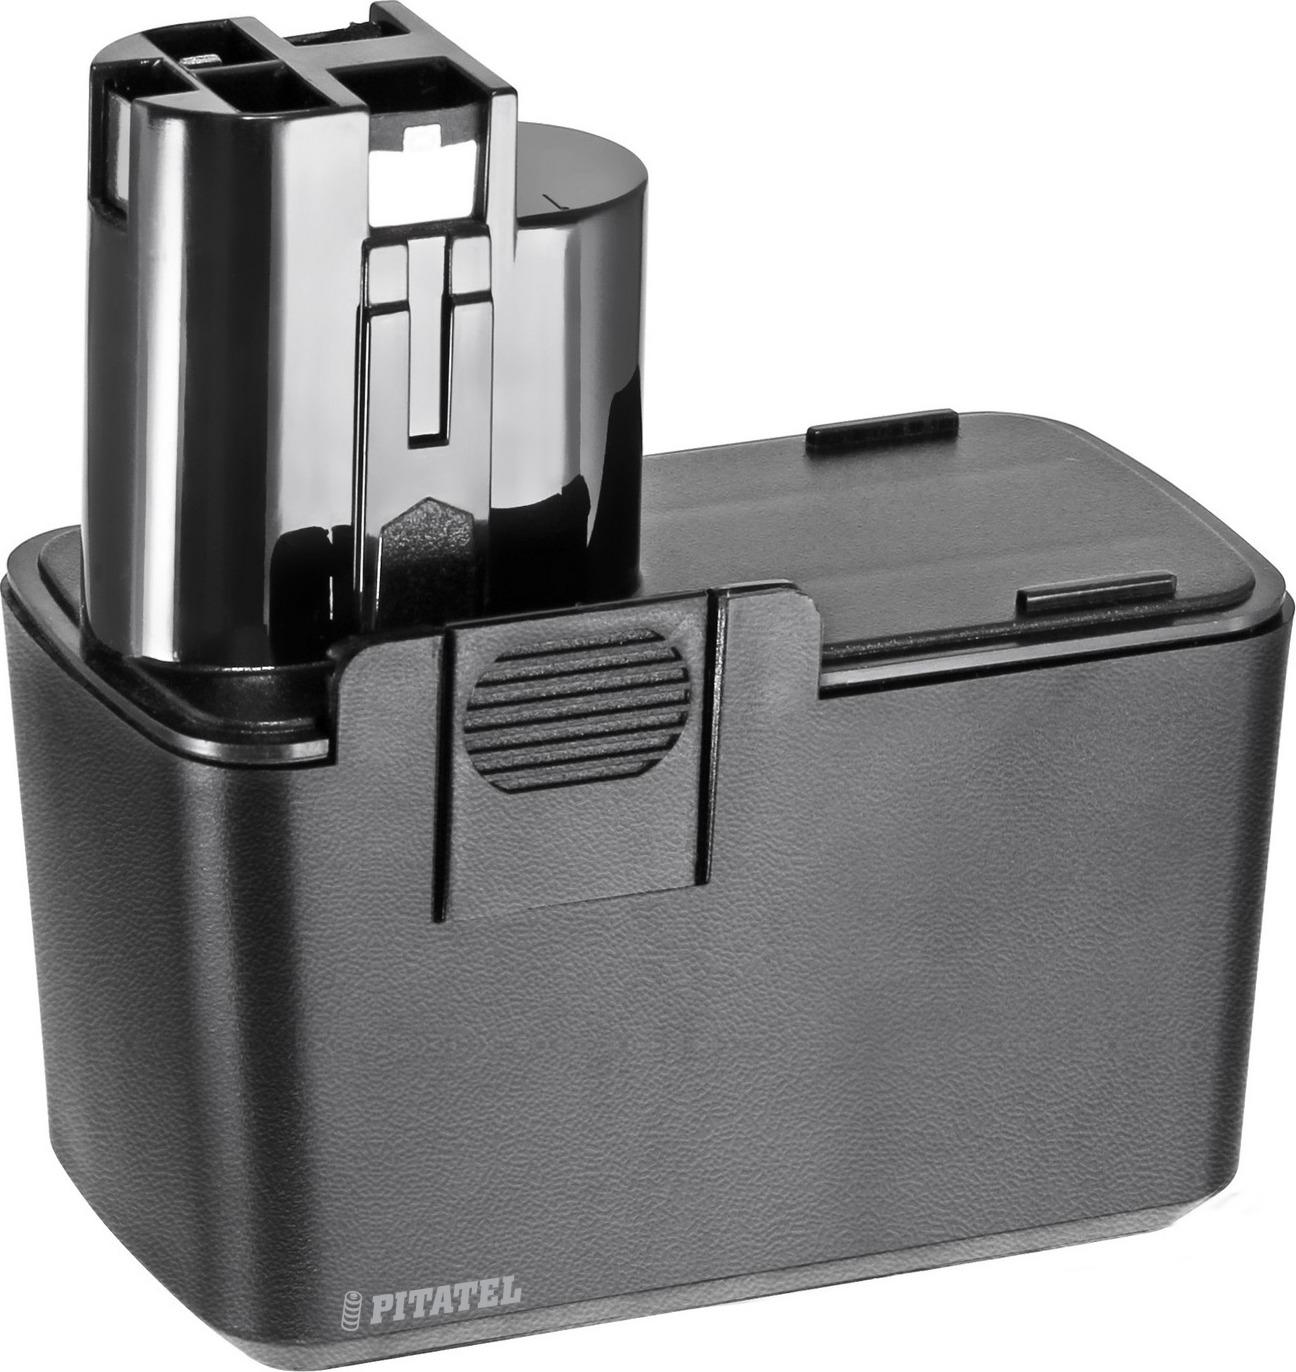 Аккумулятор для инструмента Pitatel для BOSCH. TSB-047-BOS96B-21M 607 2015